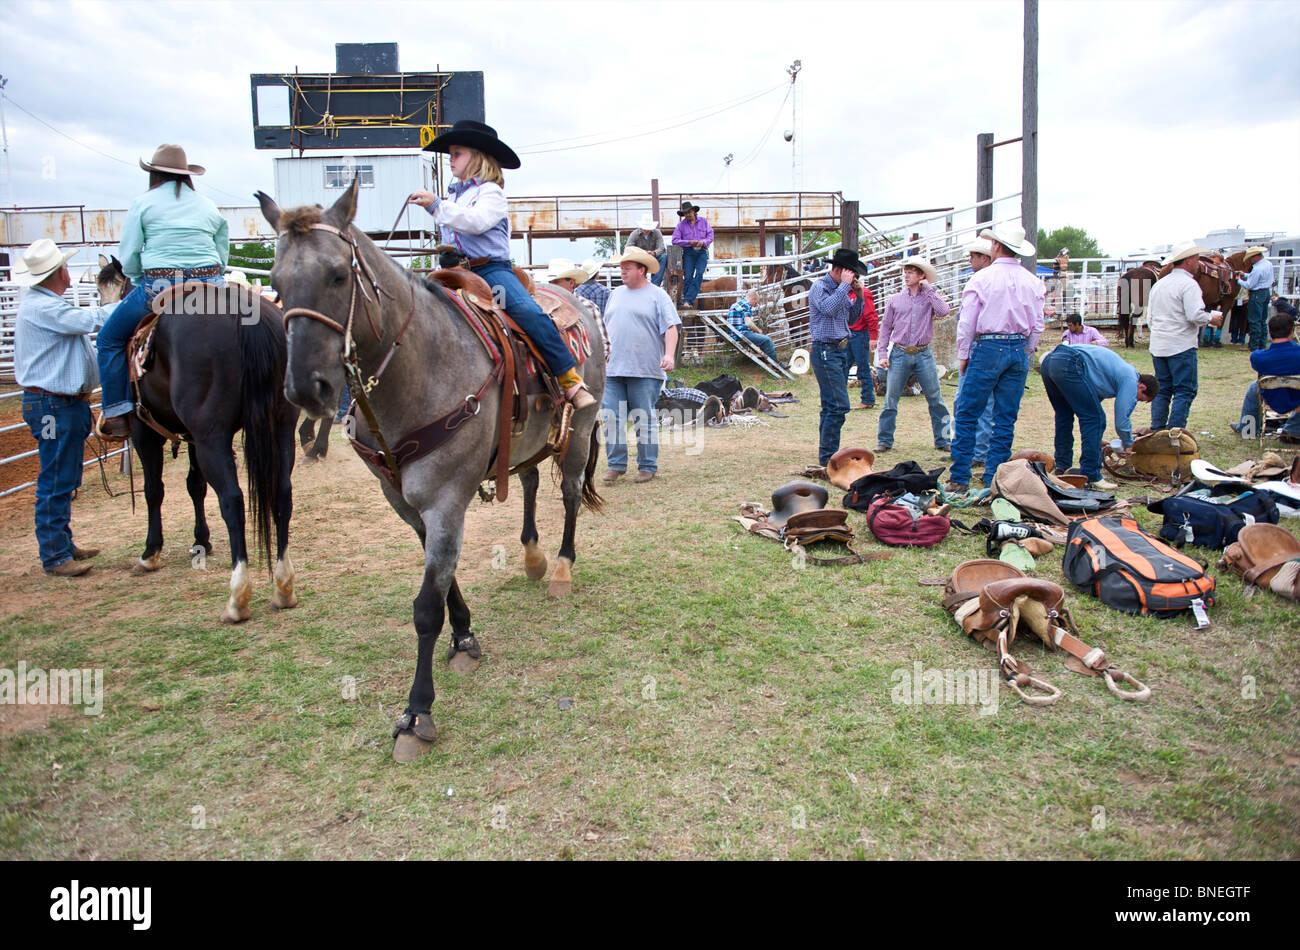 Cowgirl equitazione backstage a PRCA Rodeo evento in smalltown Bridgeport, Texas, Stati Uniti d'America Foto Stock